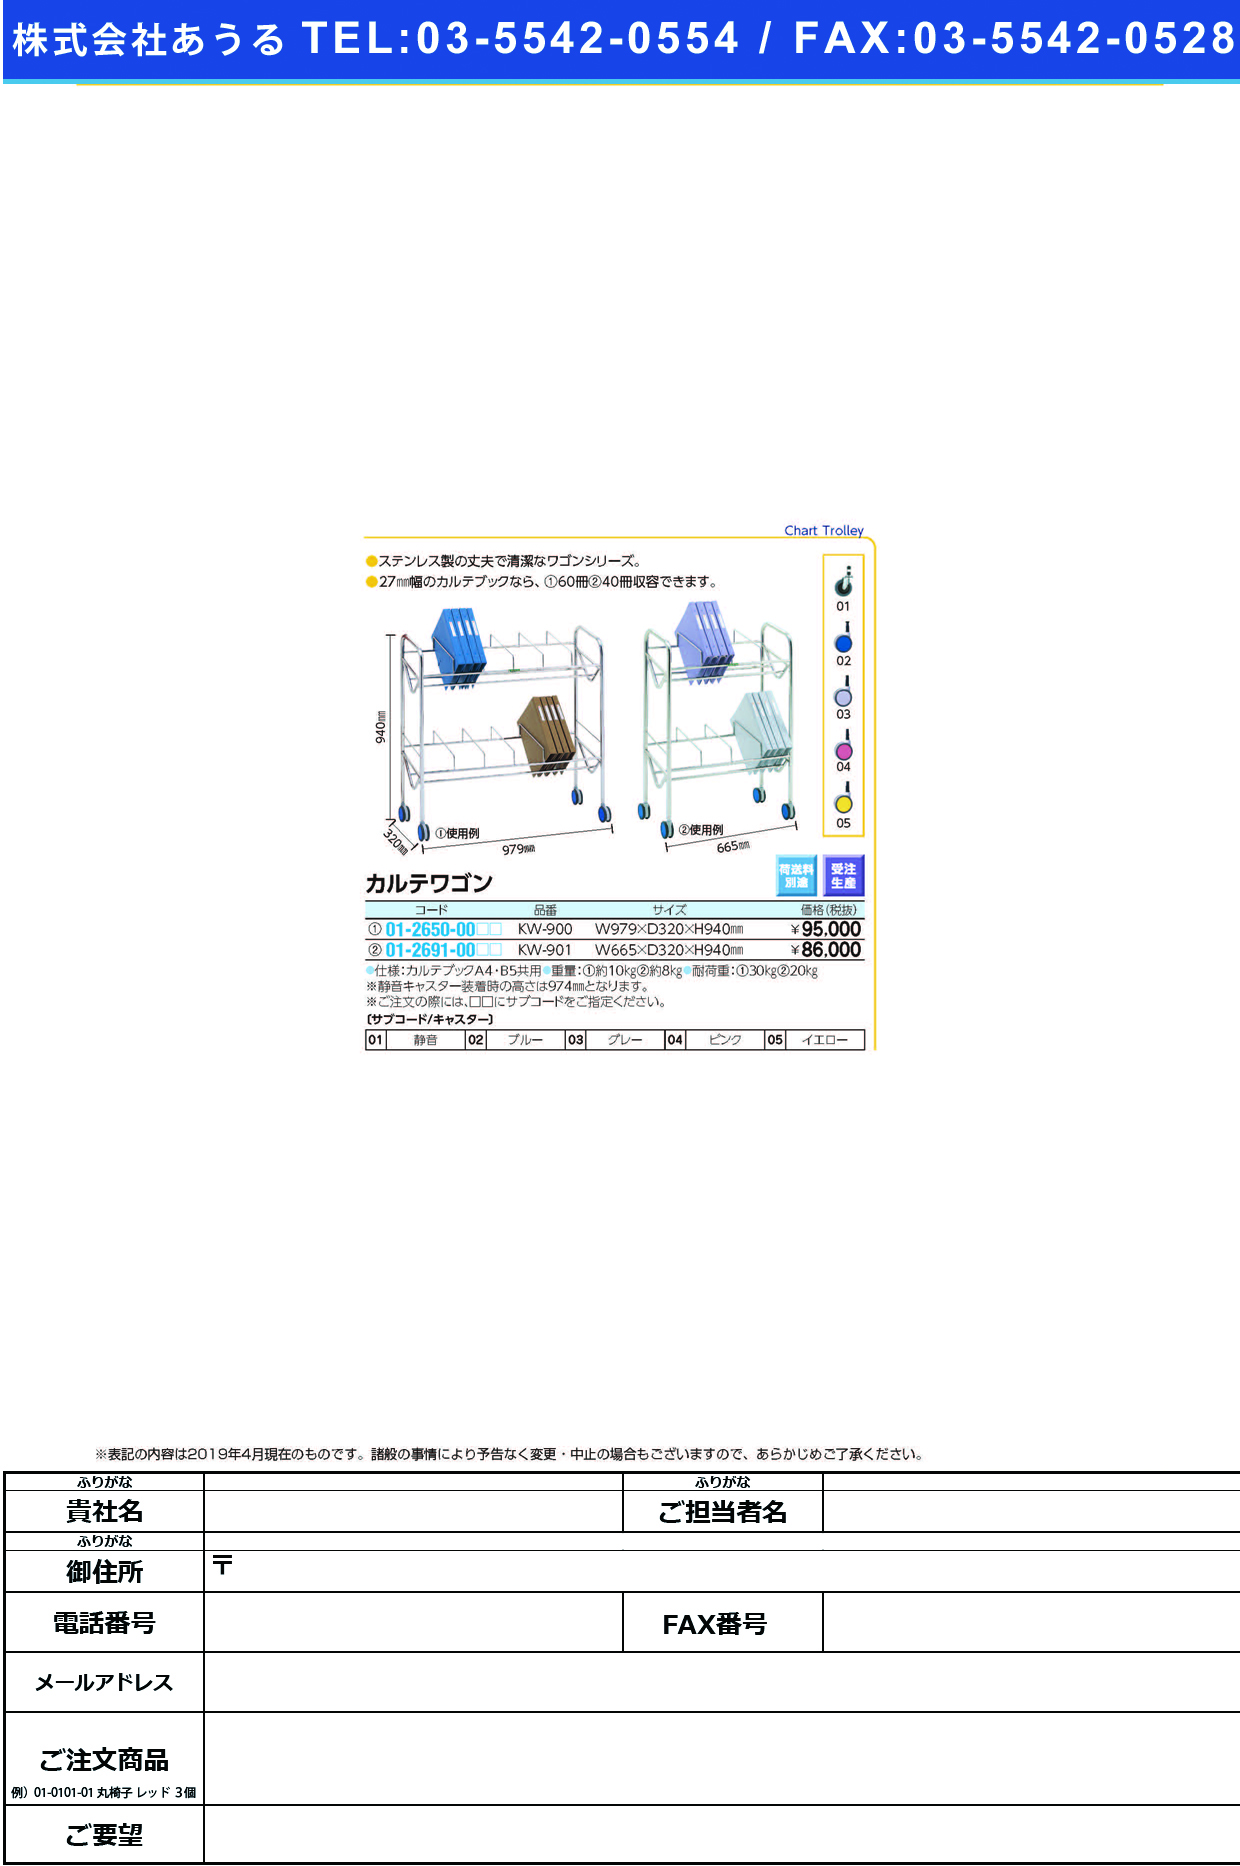 (01-2691-00)カルテワゴン KW-901 KW901 キャスター:静音タイプ(ケルン)【1台単位】【2019年カタログ商品】